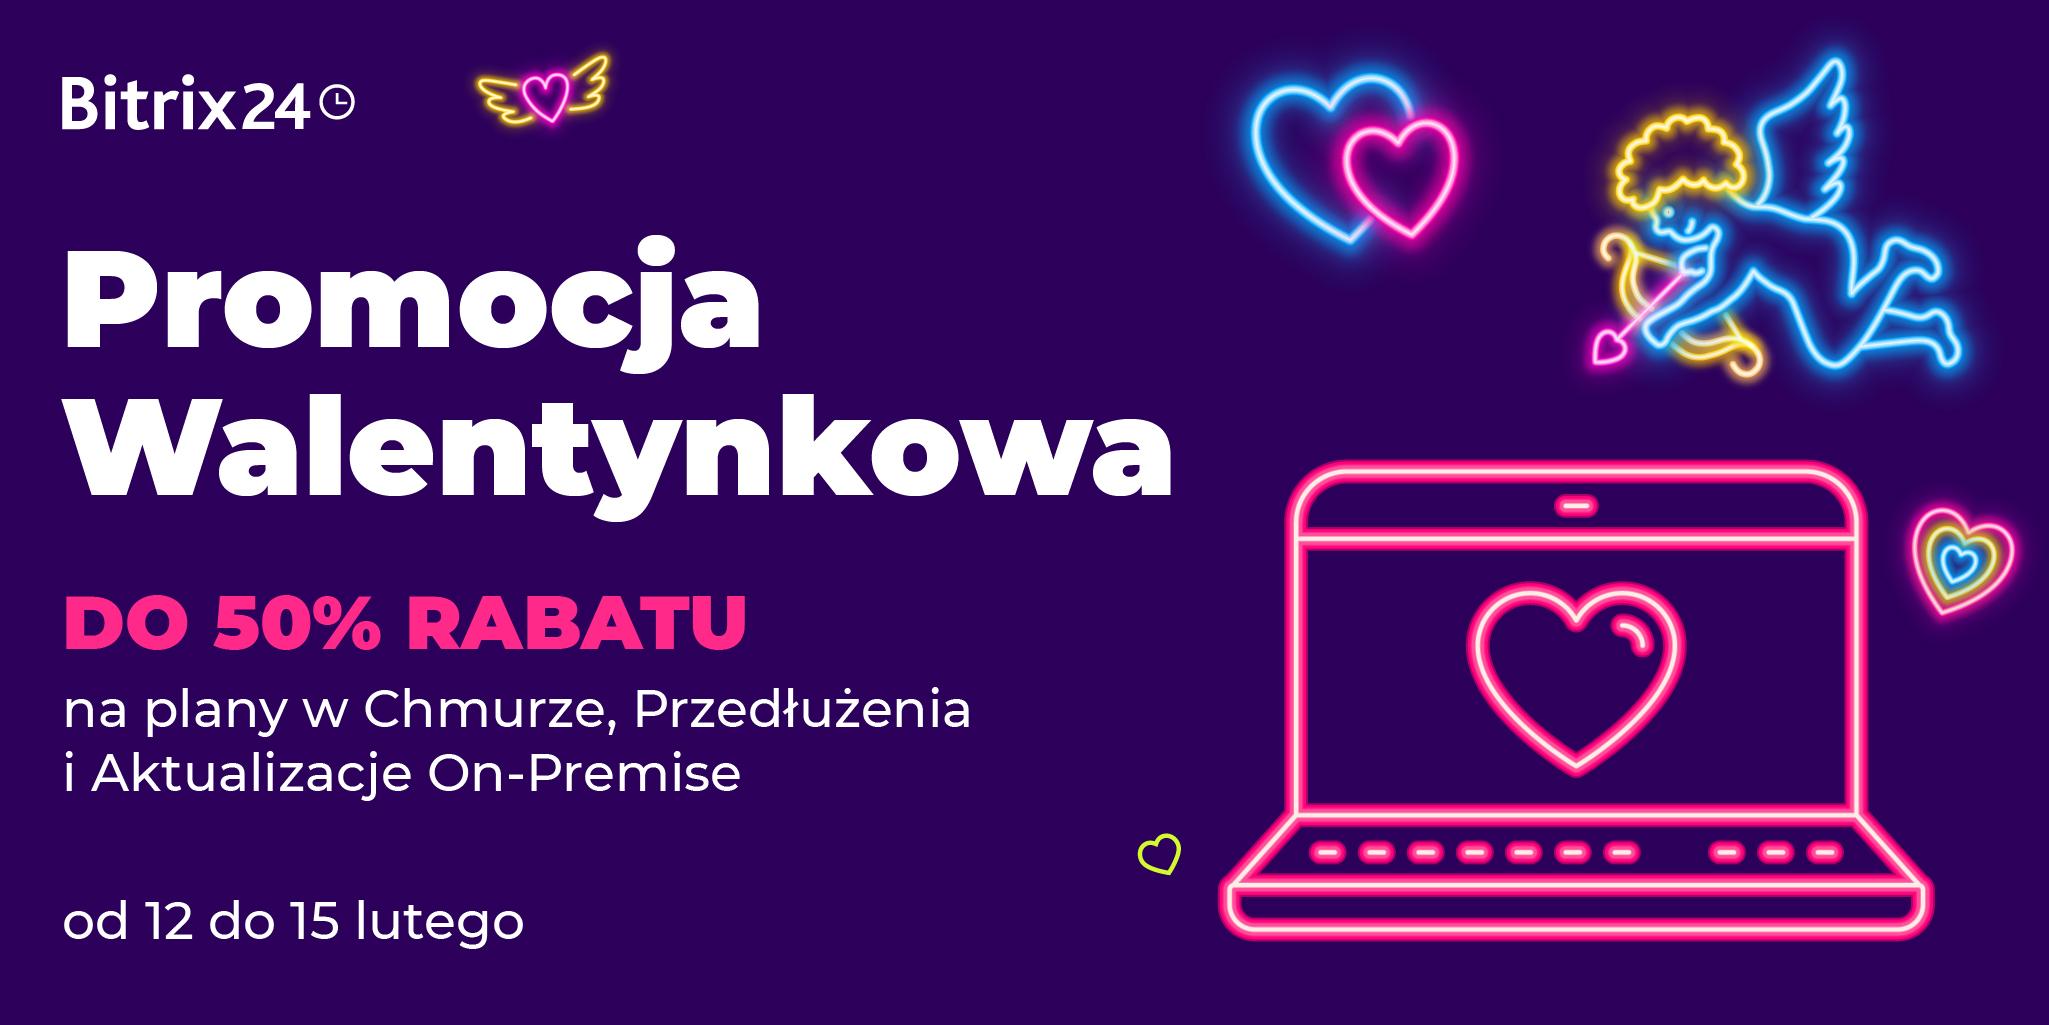 Promocja Bitrix24